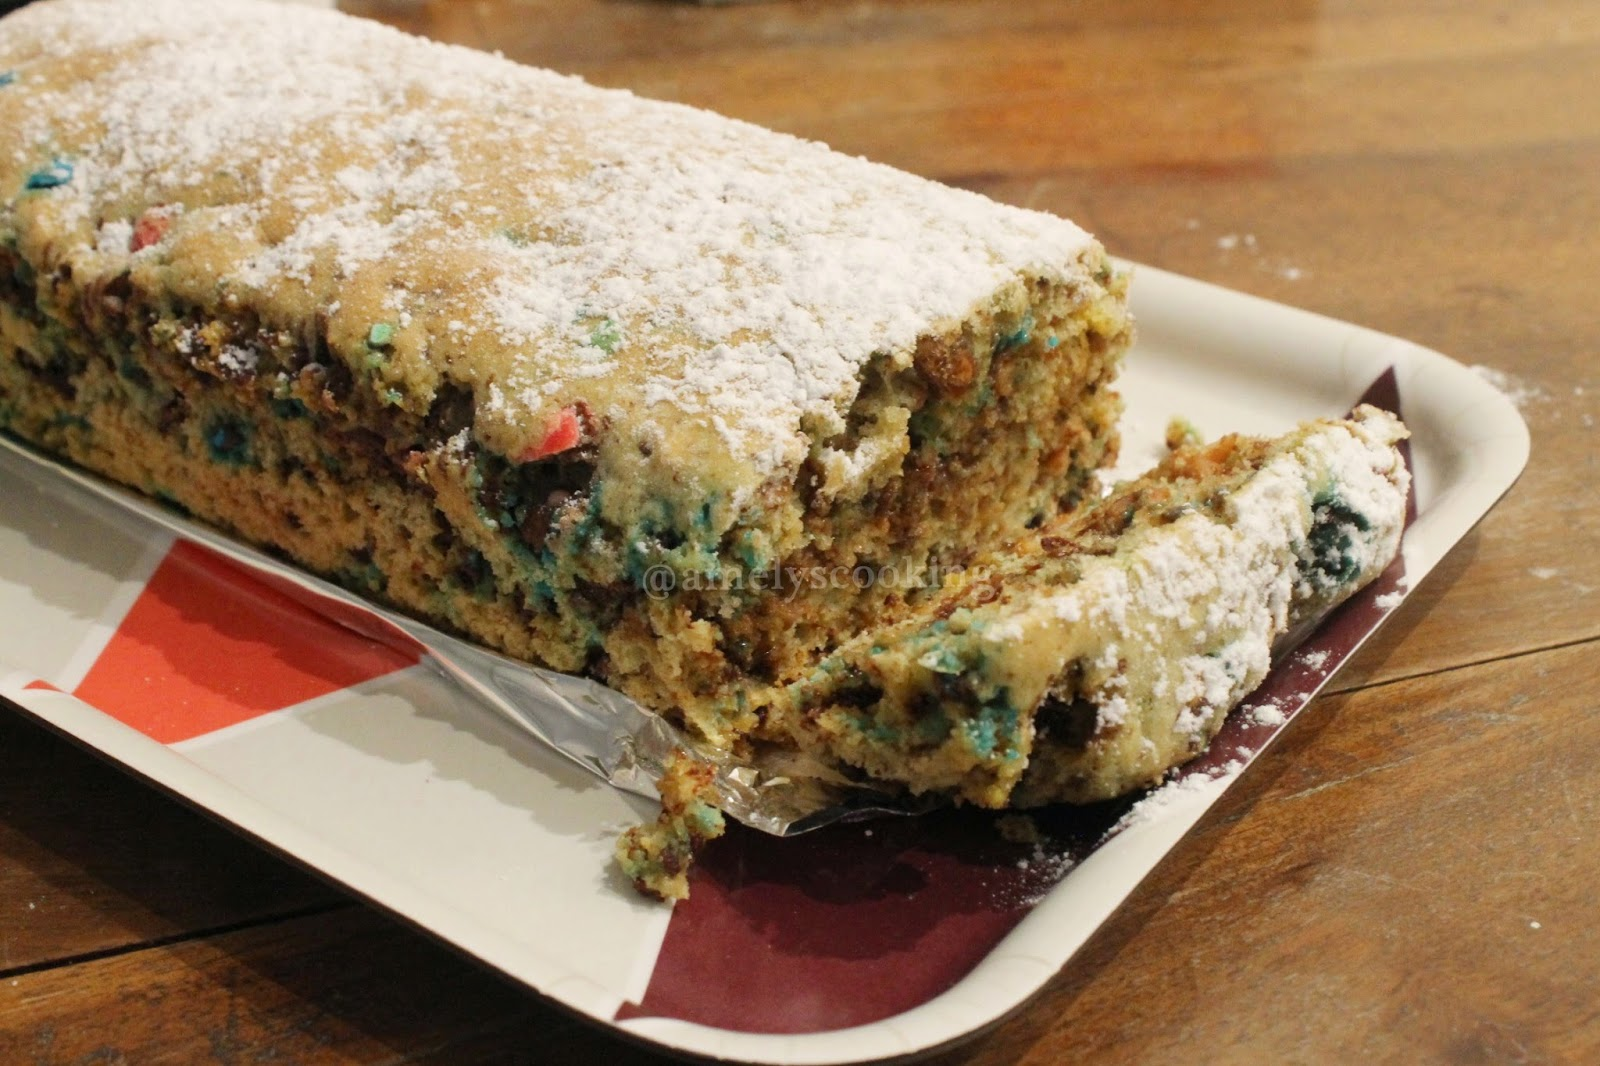 http://unevieenblond.blogspot.com/2014/09/recette-cake-aux-m.html